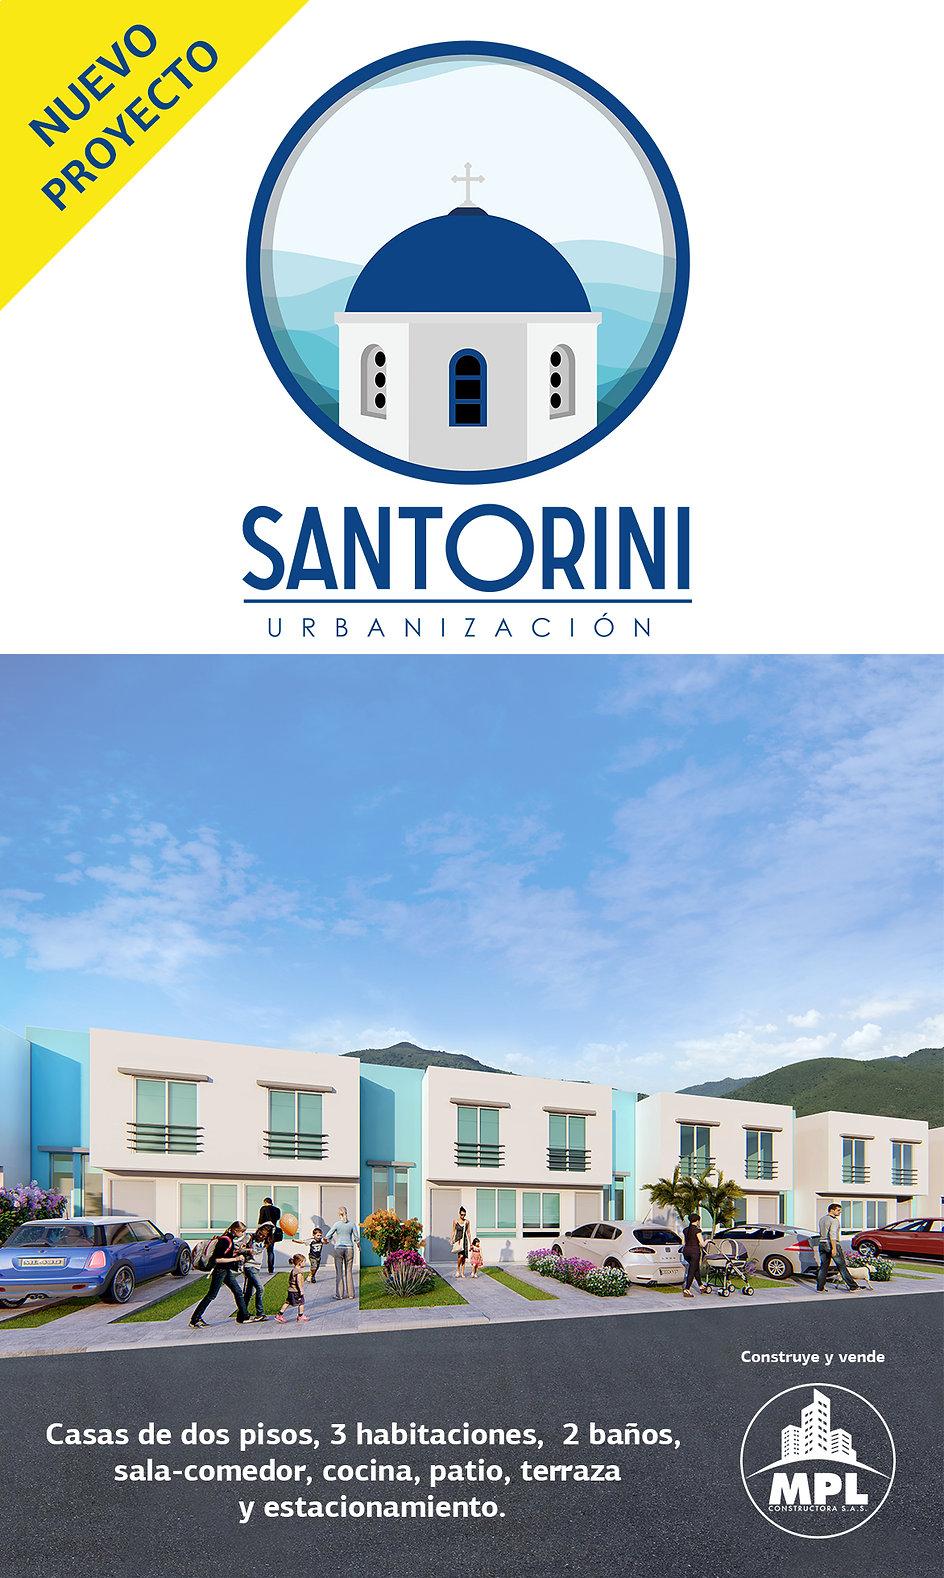 historia santorini.jpg